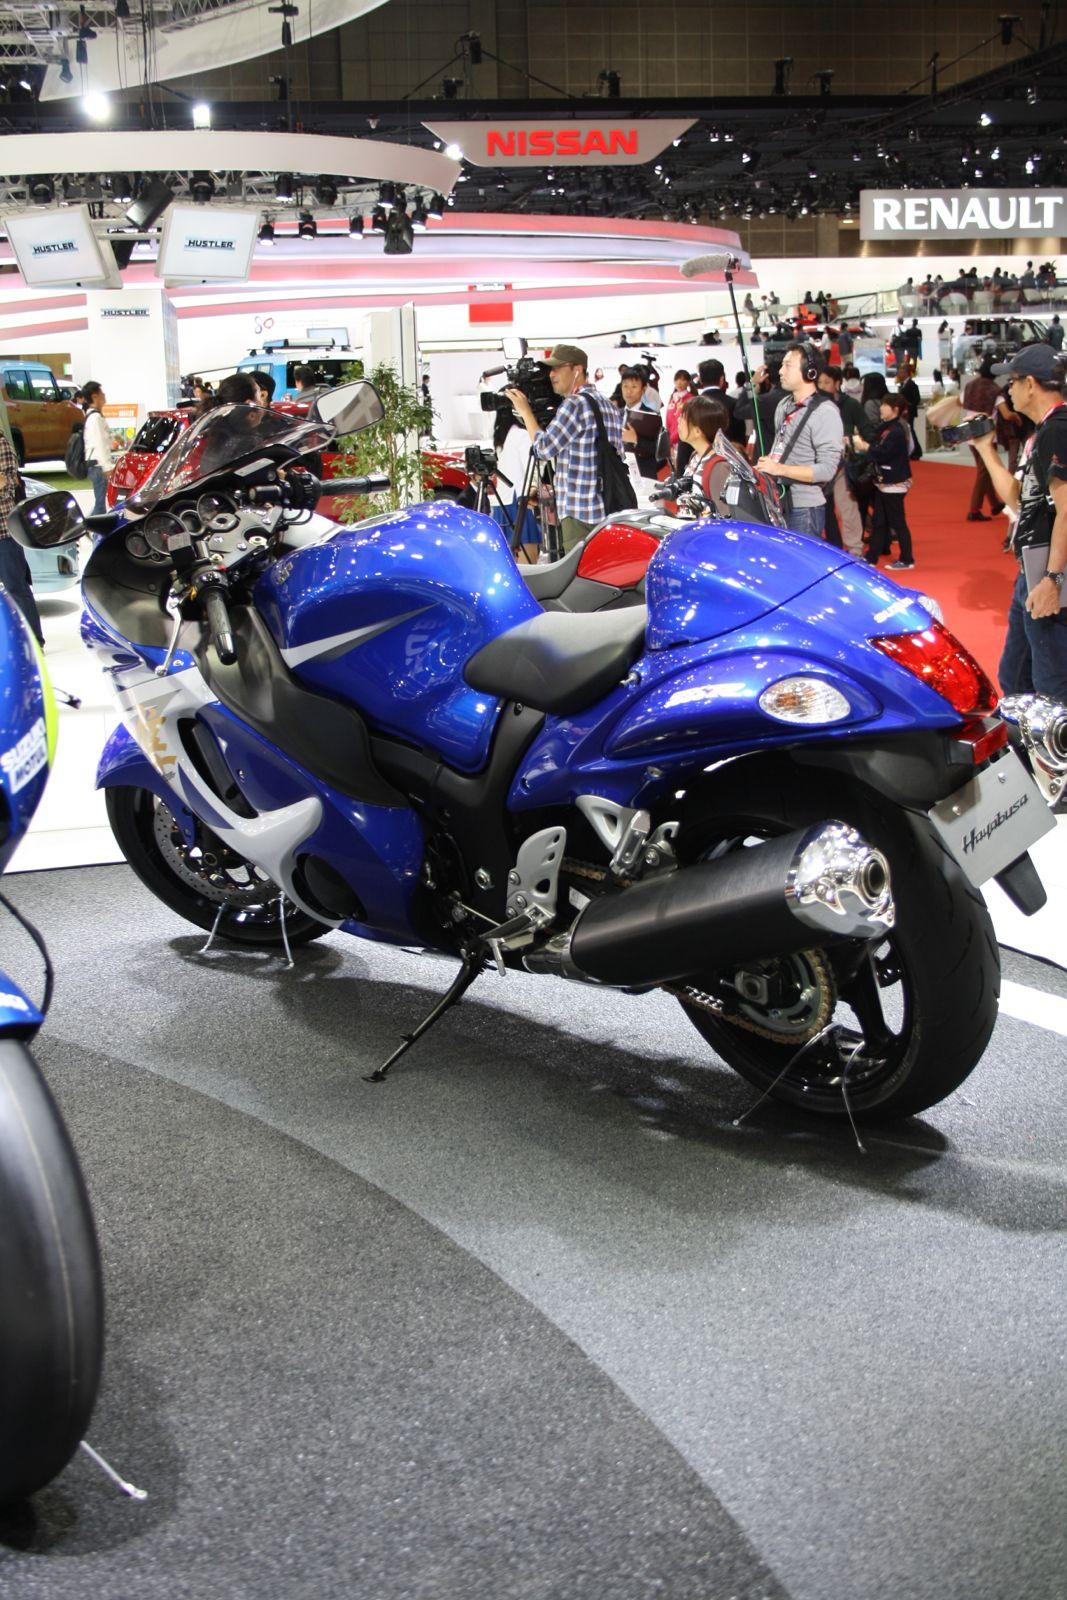 2014 suzuki hayabusa rear quarter tokyo motor show - Tokyo motor show 2014 ...